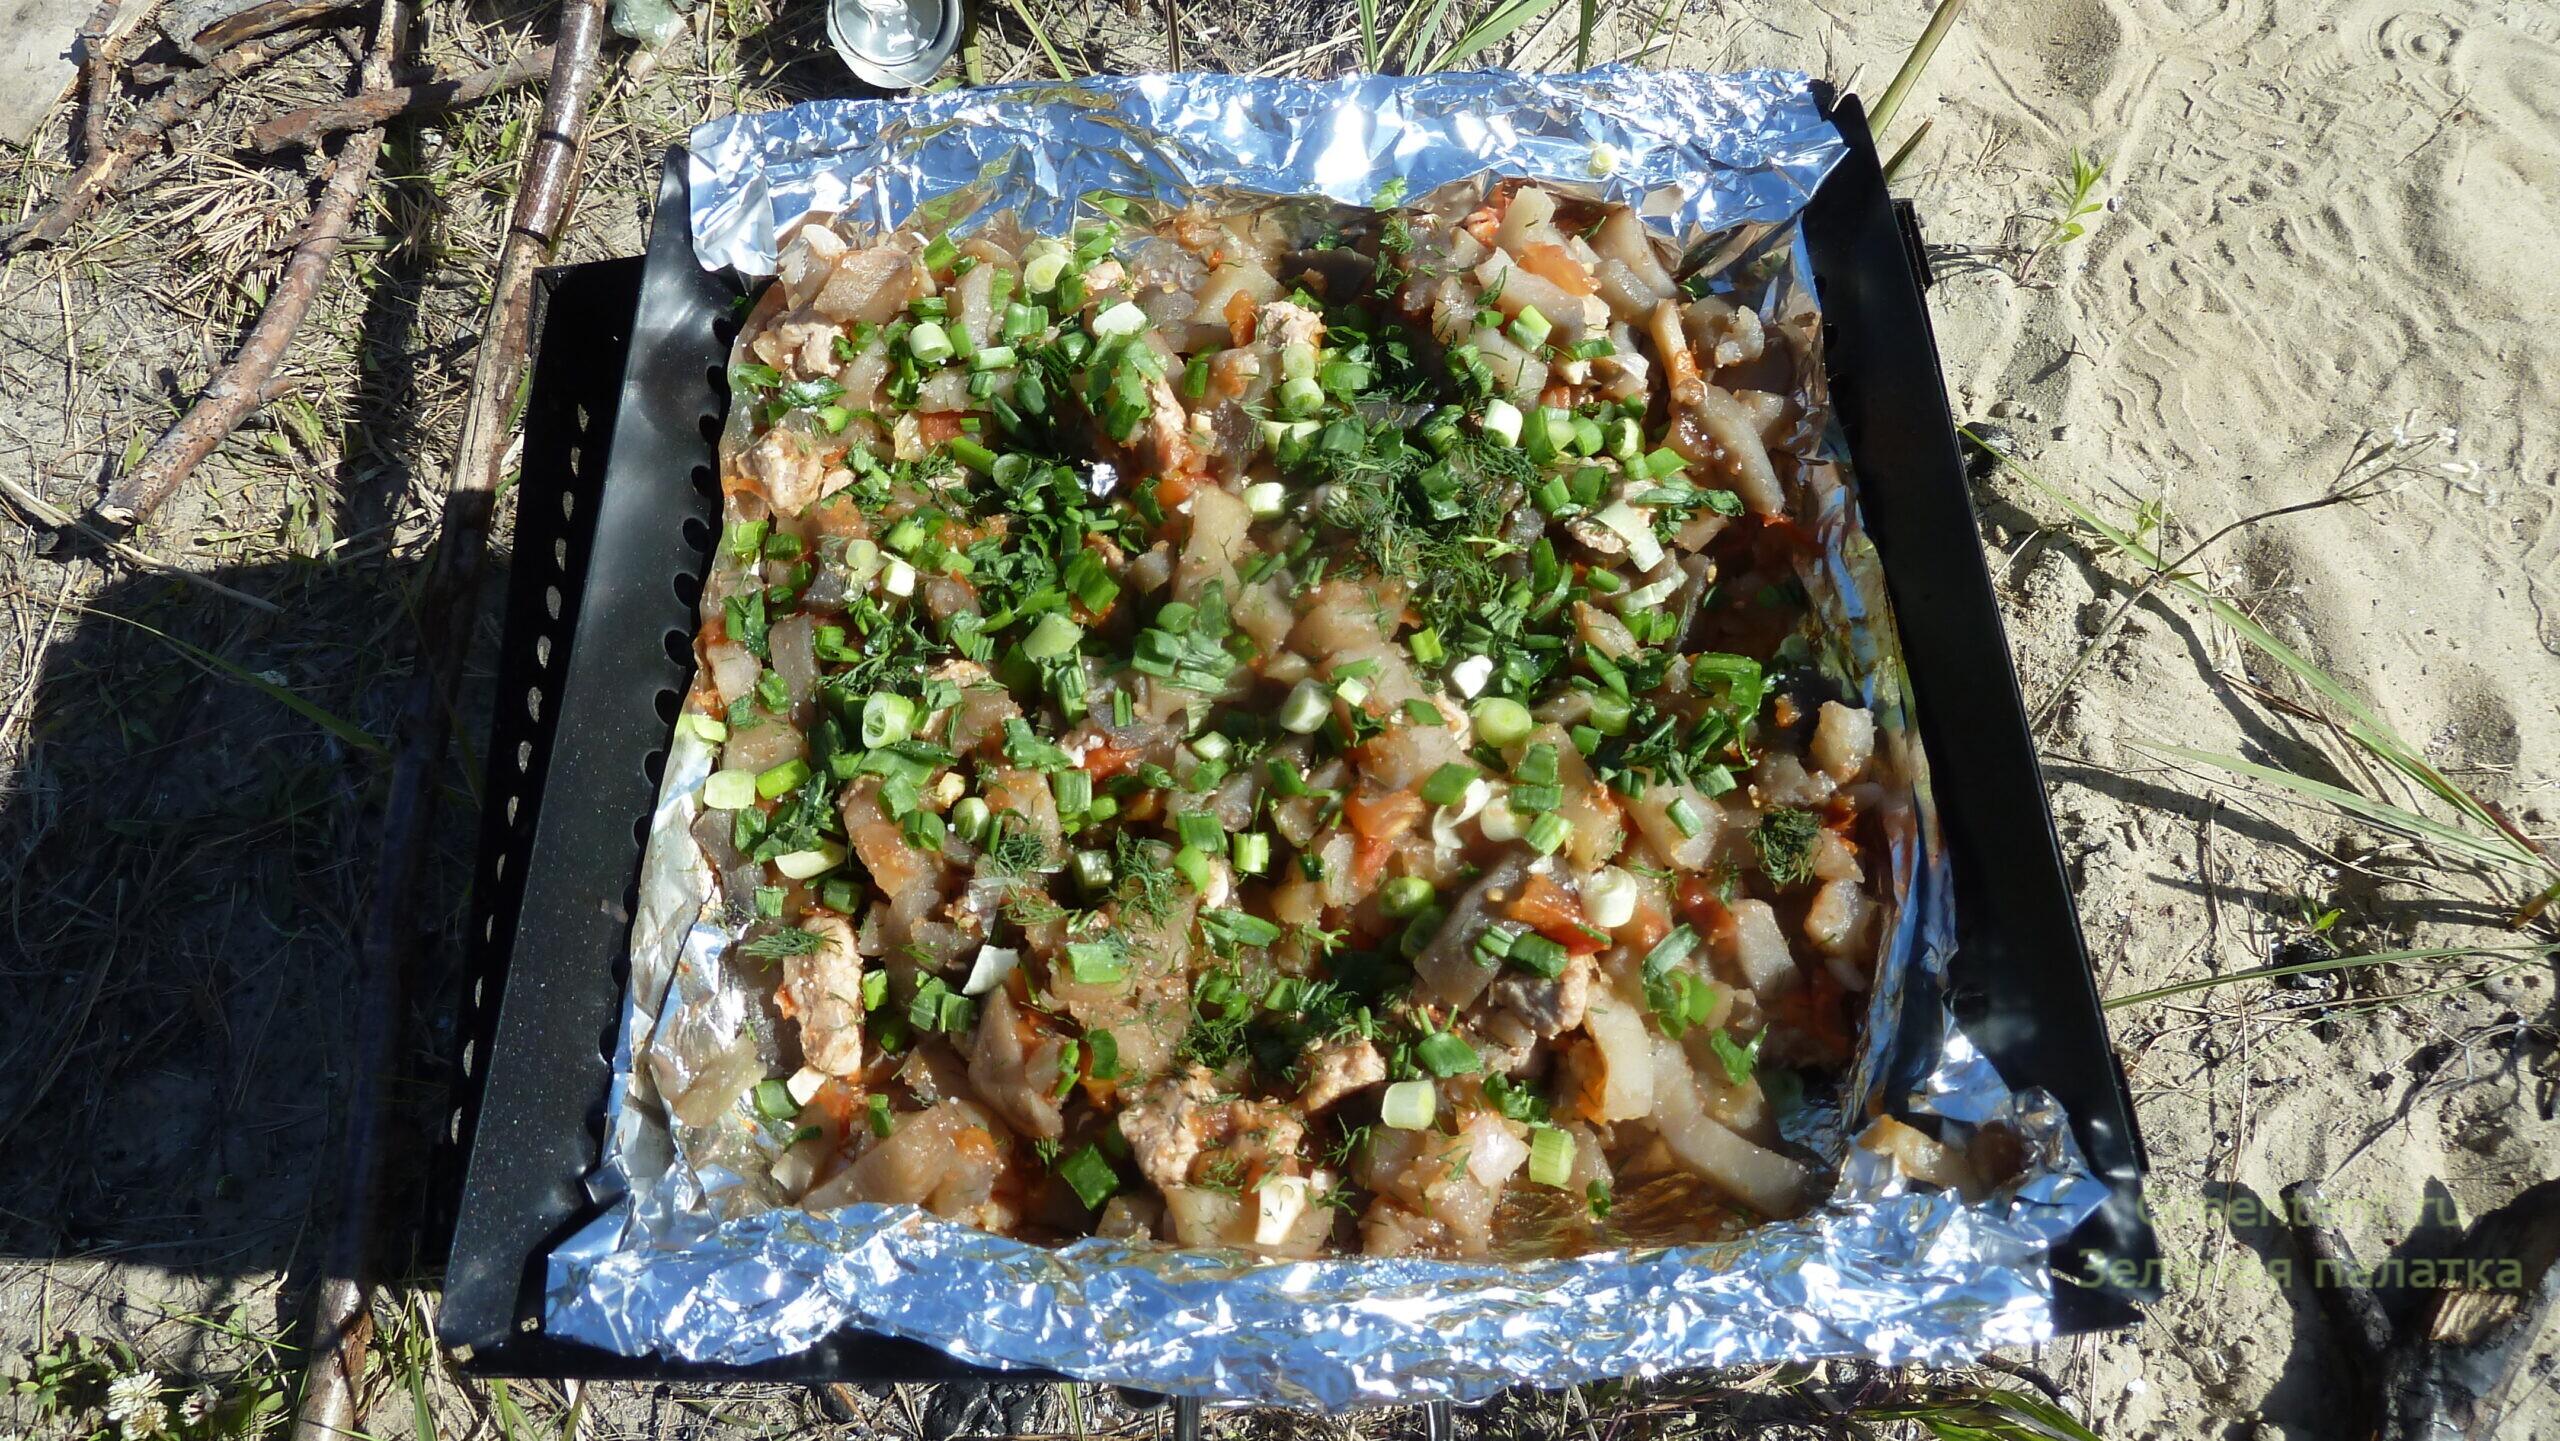 мясо на открытом огне отдых туризм рецепт еда решетка гриль